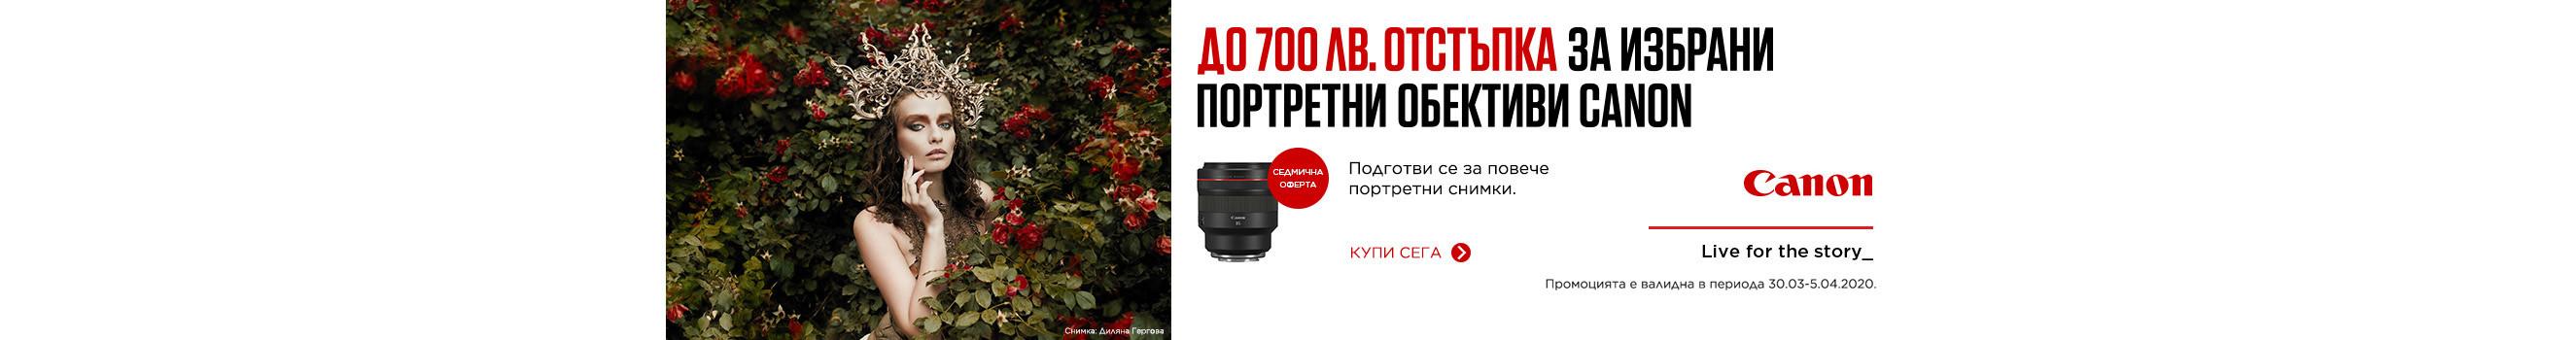 Портретни обективи Canon с до 700 лв. отстъпка от цената - седмична оферта